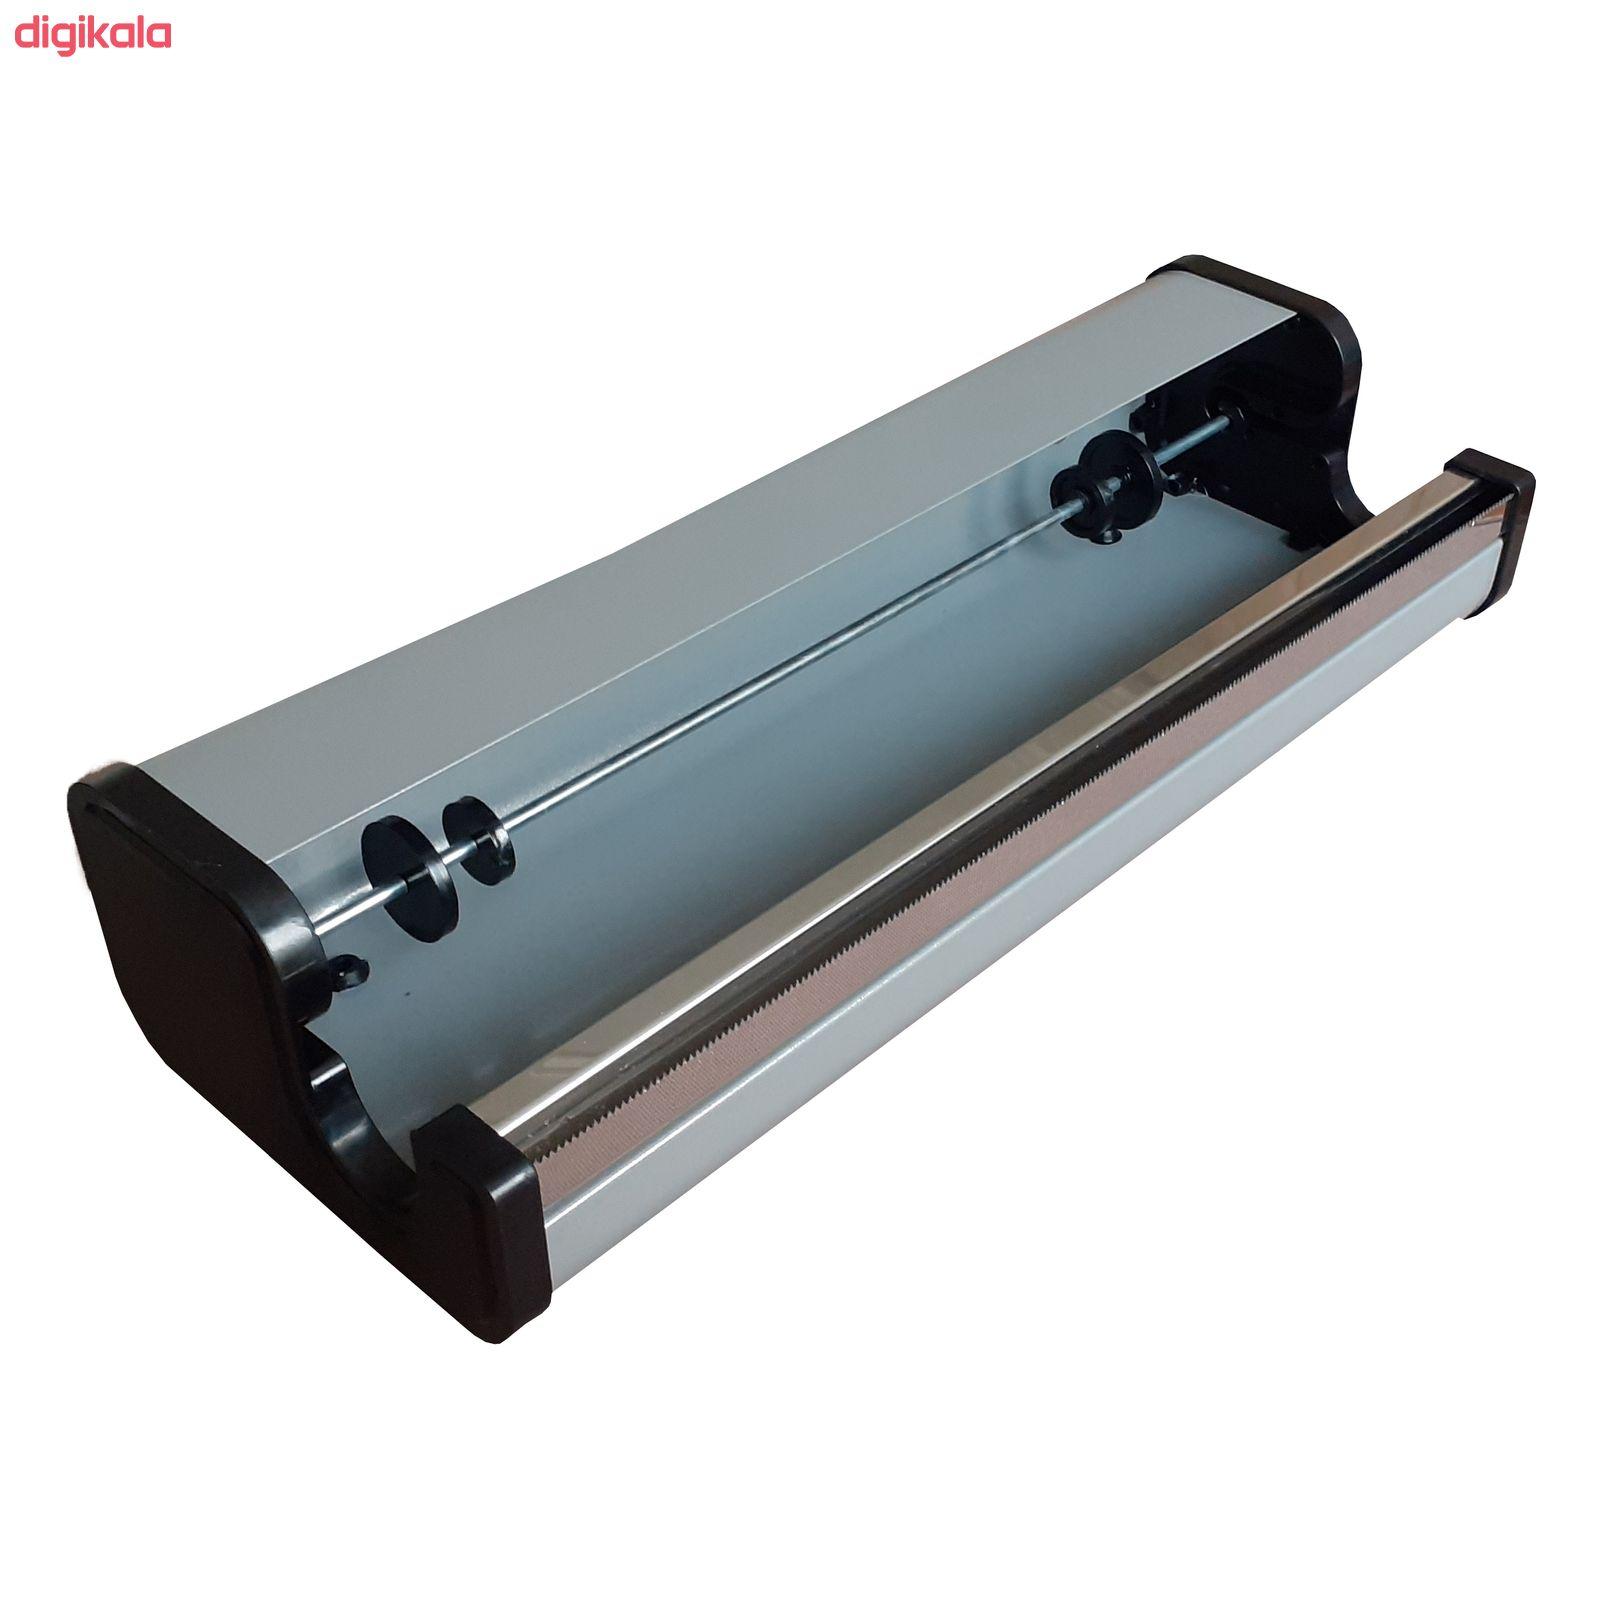 دستگاه سلفون کش مه یاس مدل p431609 main 1 15